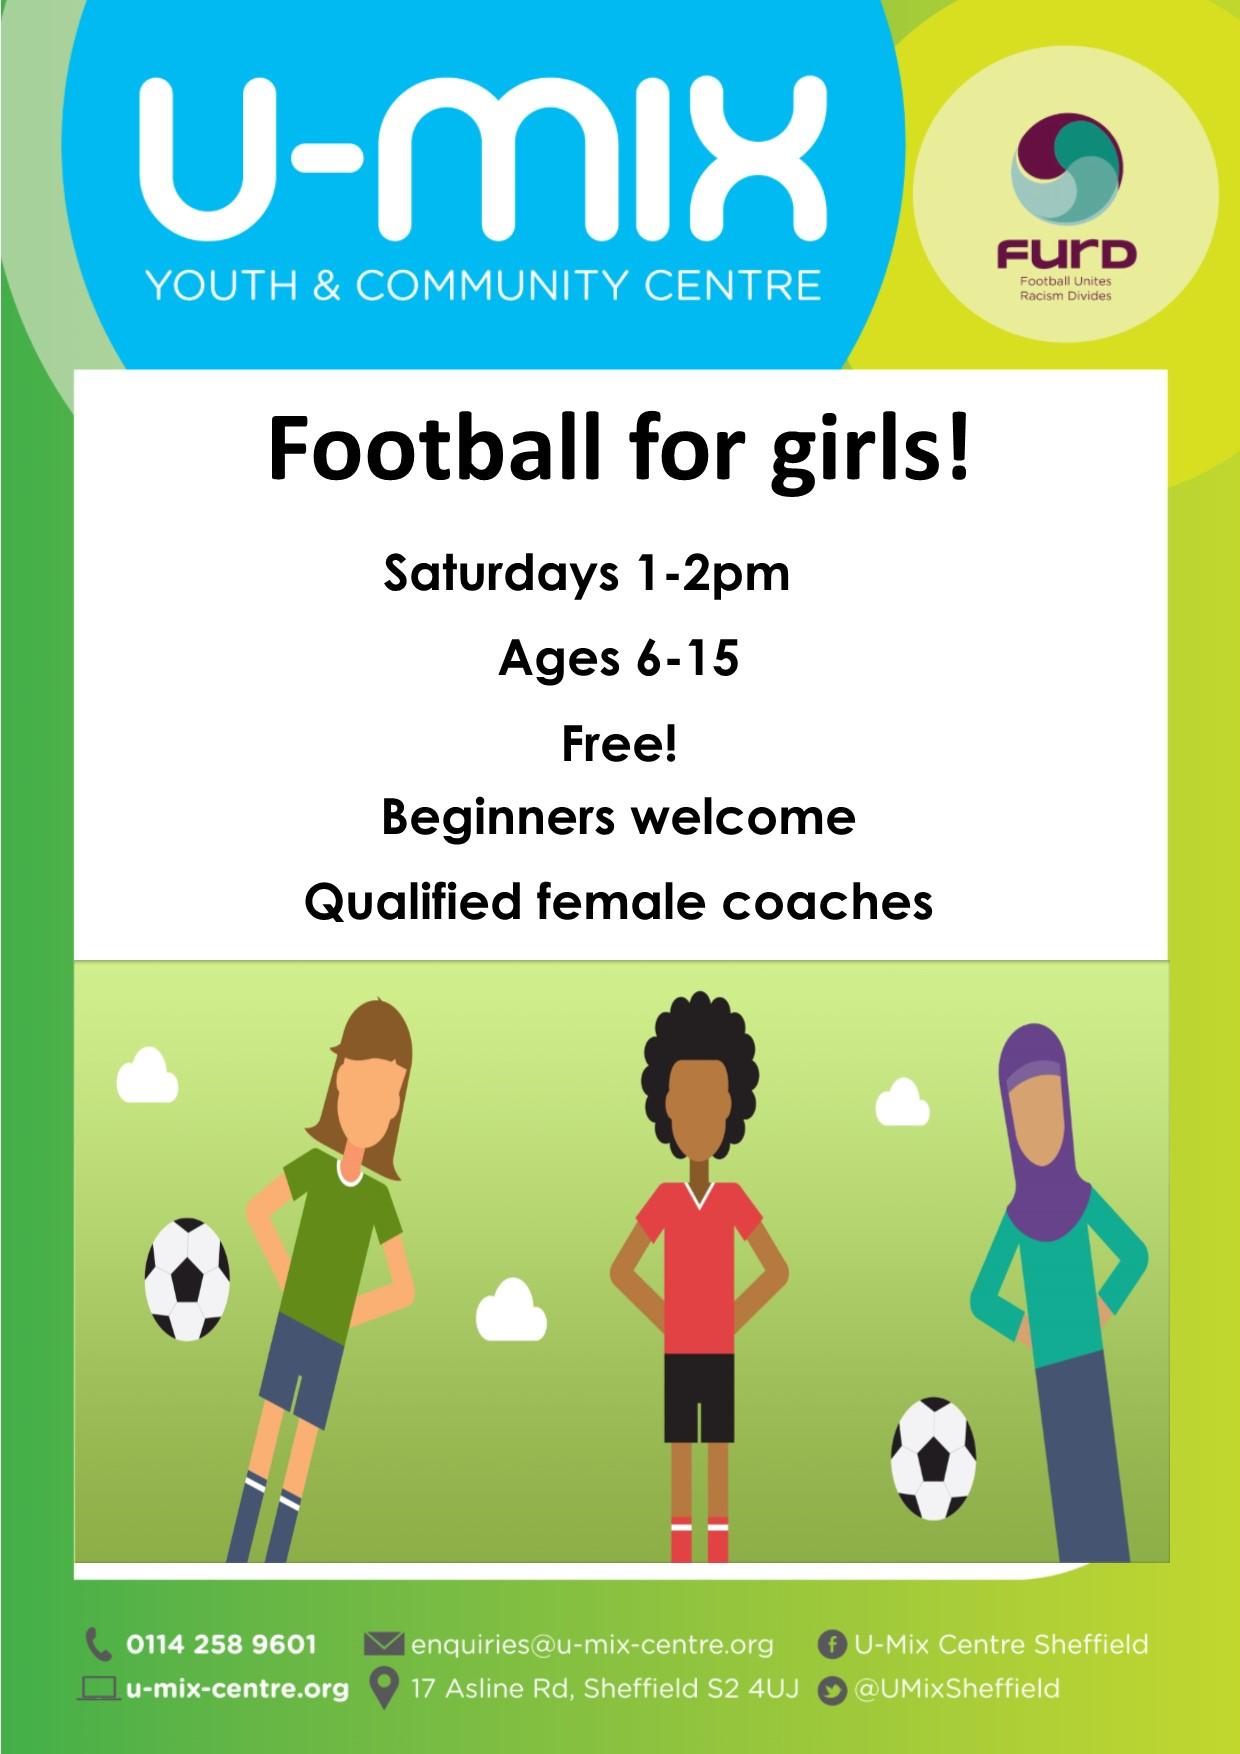 Football for girls 2021 - Flyer for girls football